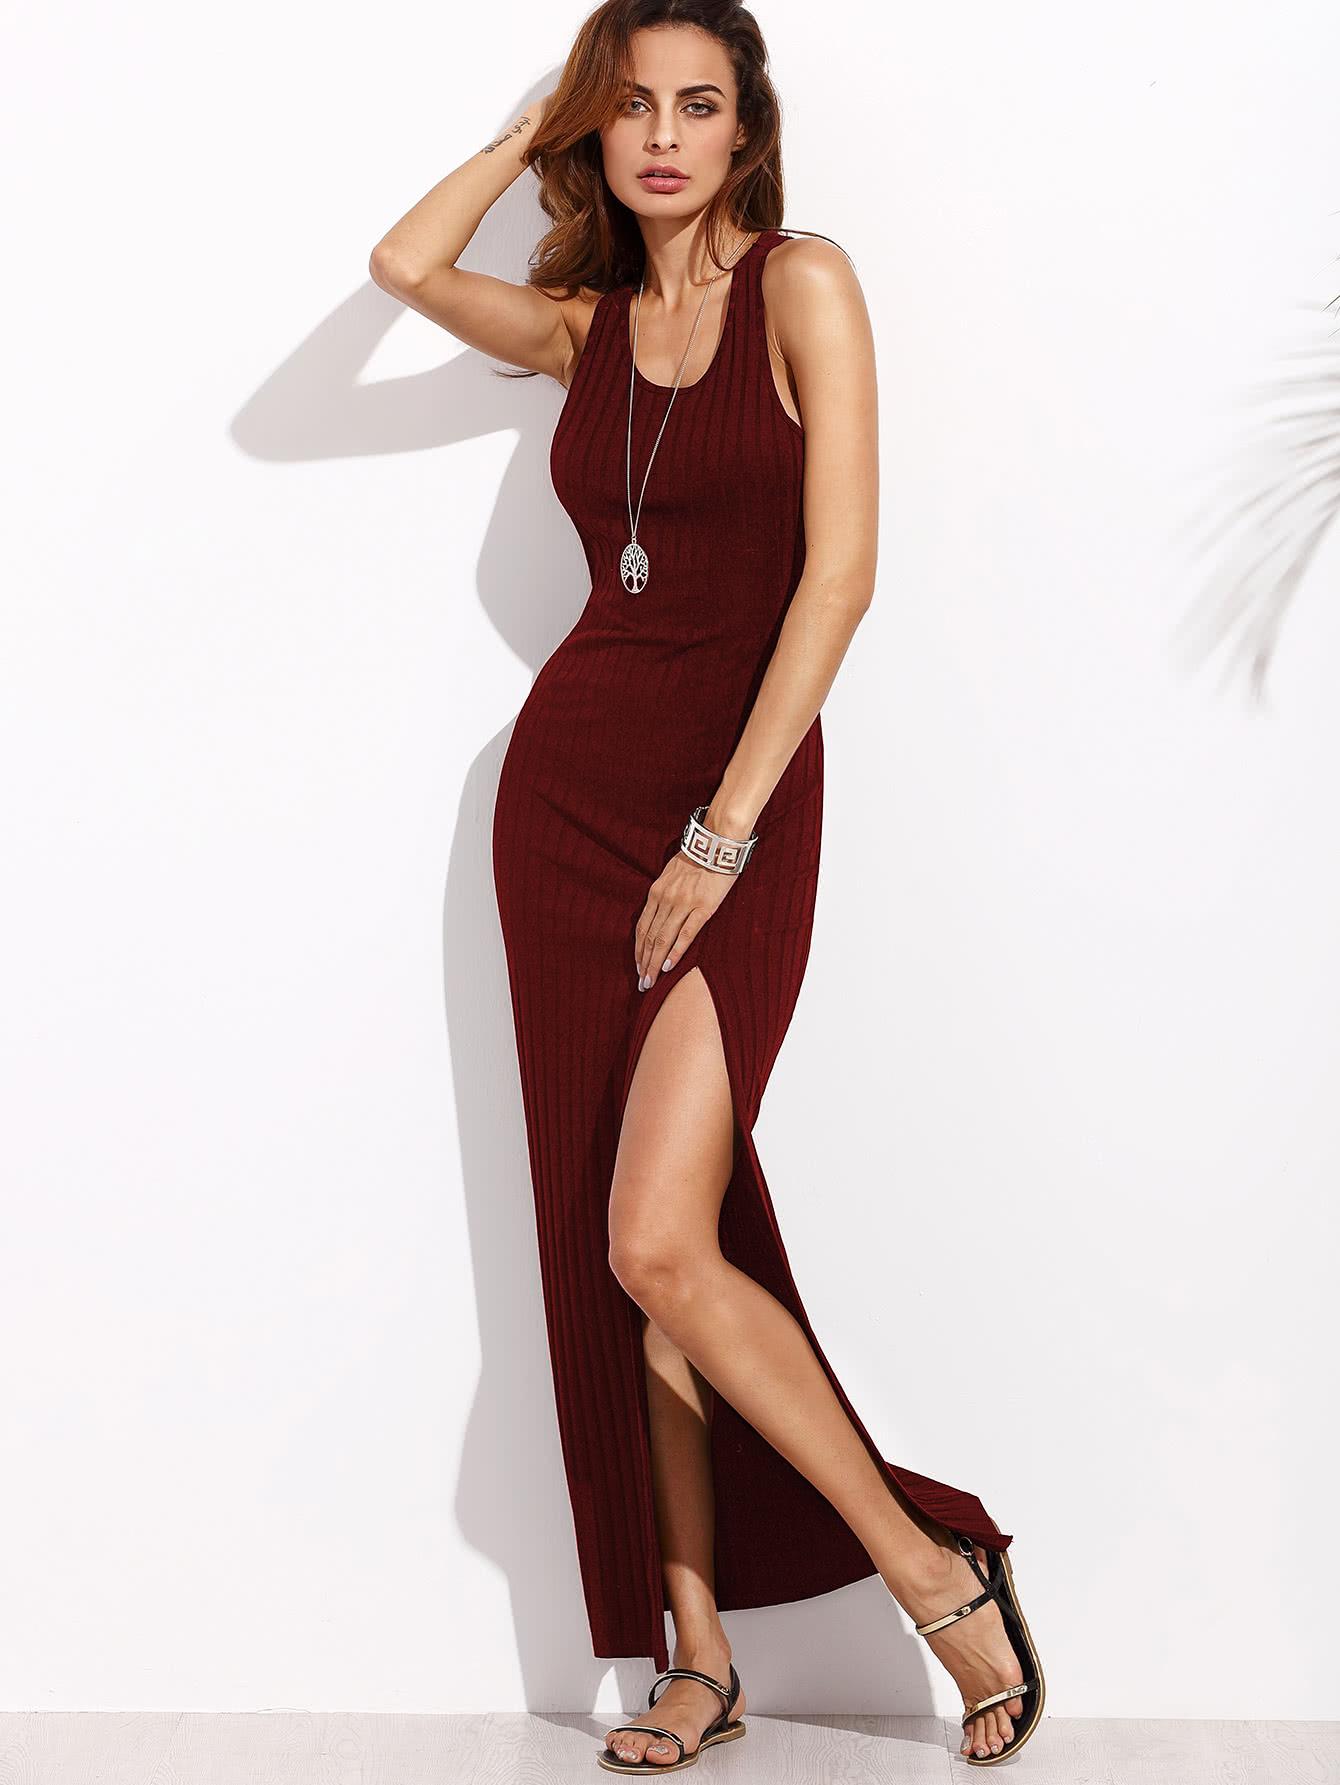 Rib Knit High Slit Racerback Dress dress170526703